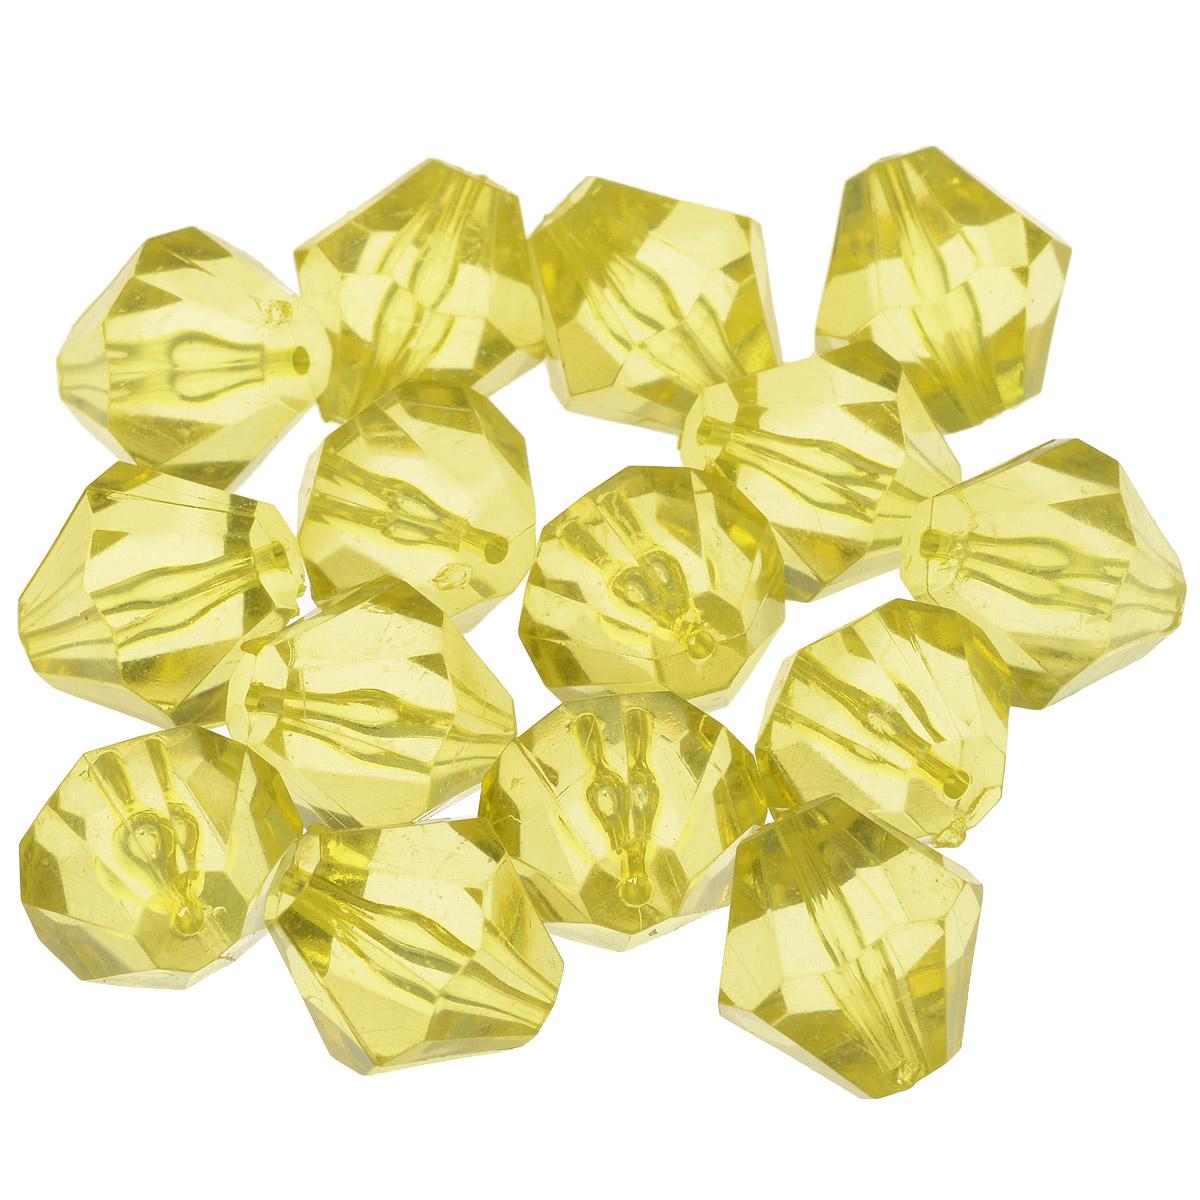 Бусины Астра, цвет: желтый (47), 16 мм х 17 мм, 25 г. 684982_47684982_47Набор бусин Астра, изготовленный из акрила, позволит вам своими руками создать оригинальные ожерелья, бусы или браслеты. Одноцветные ромбовидные бусины оригинального и яркого дизайна оснащены рельефными, многогранными поверхностями. Изготовление украшений - занимательное хобби и реализация творческих способностей рукодельницы, это возможность создания неповторимого индивидуального подарка. Размер бусины: 16 мм х 17 мм.